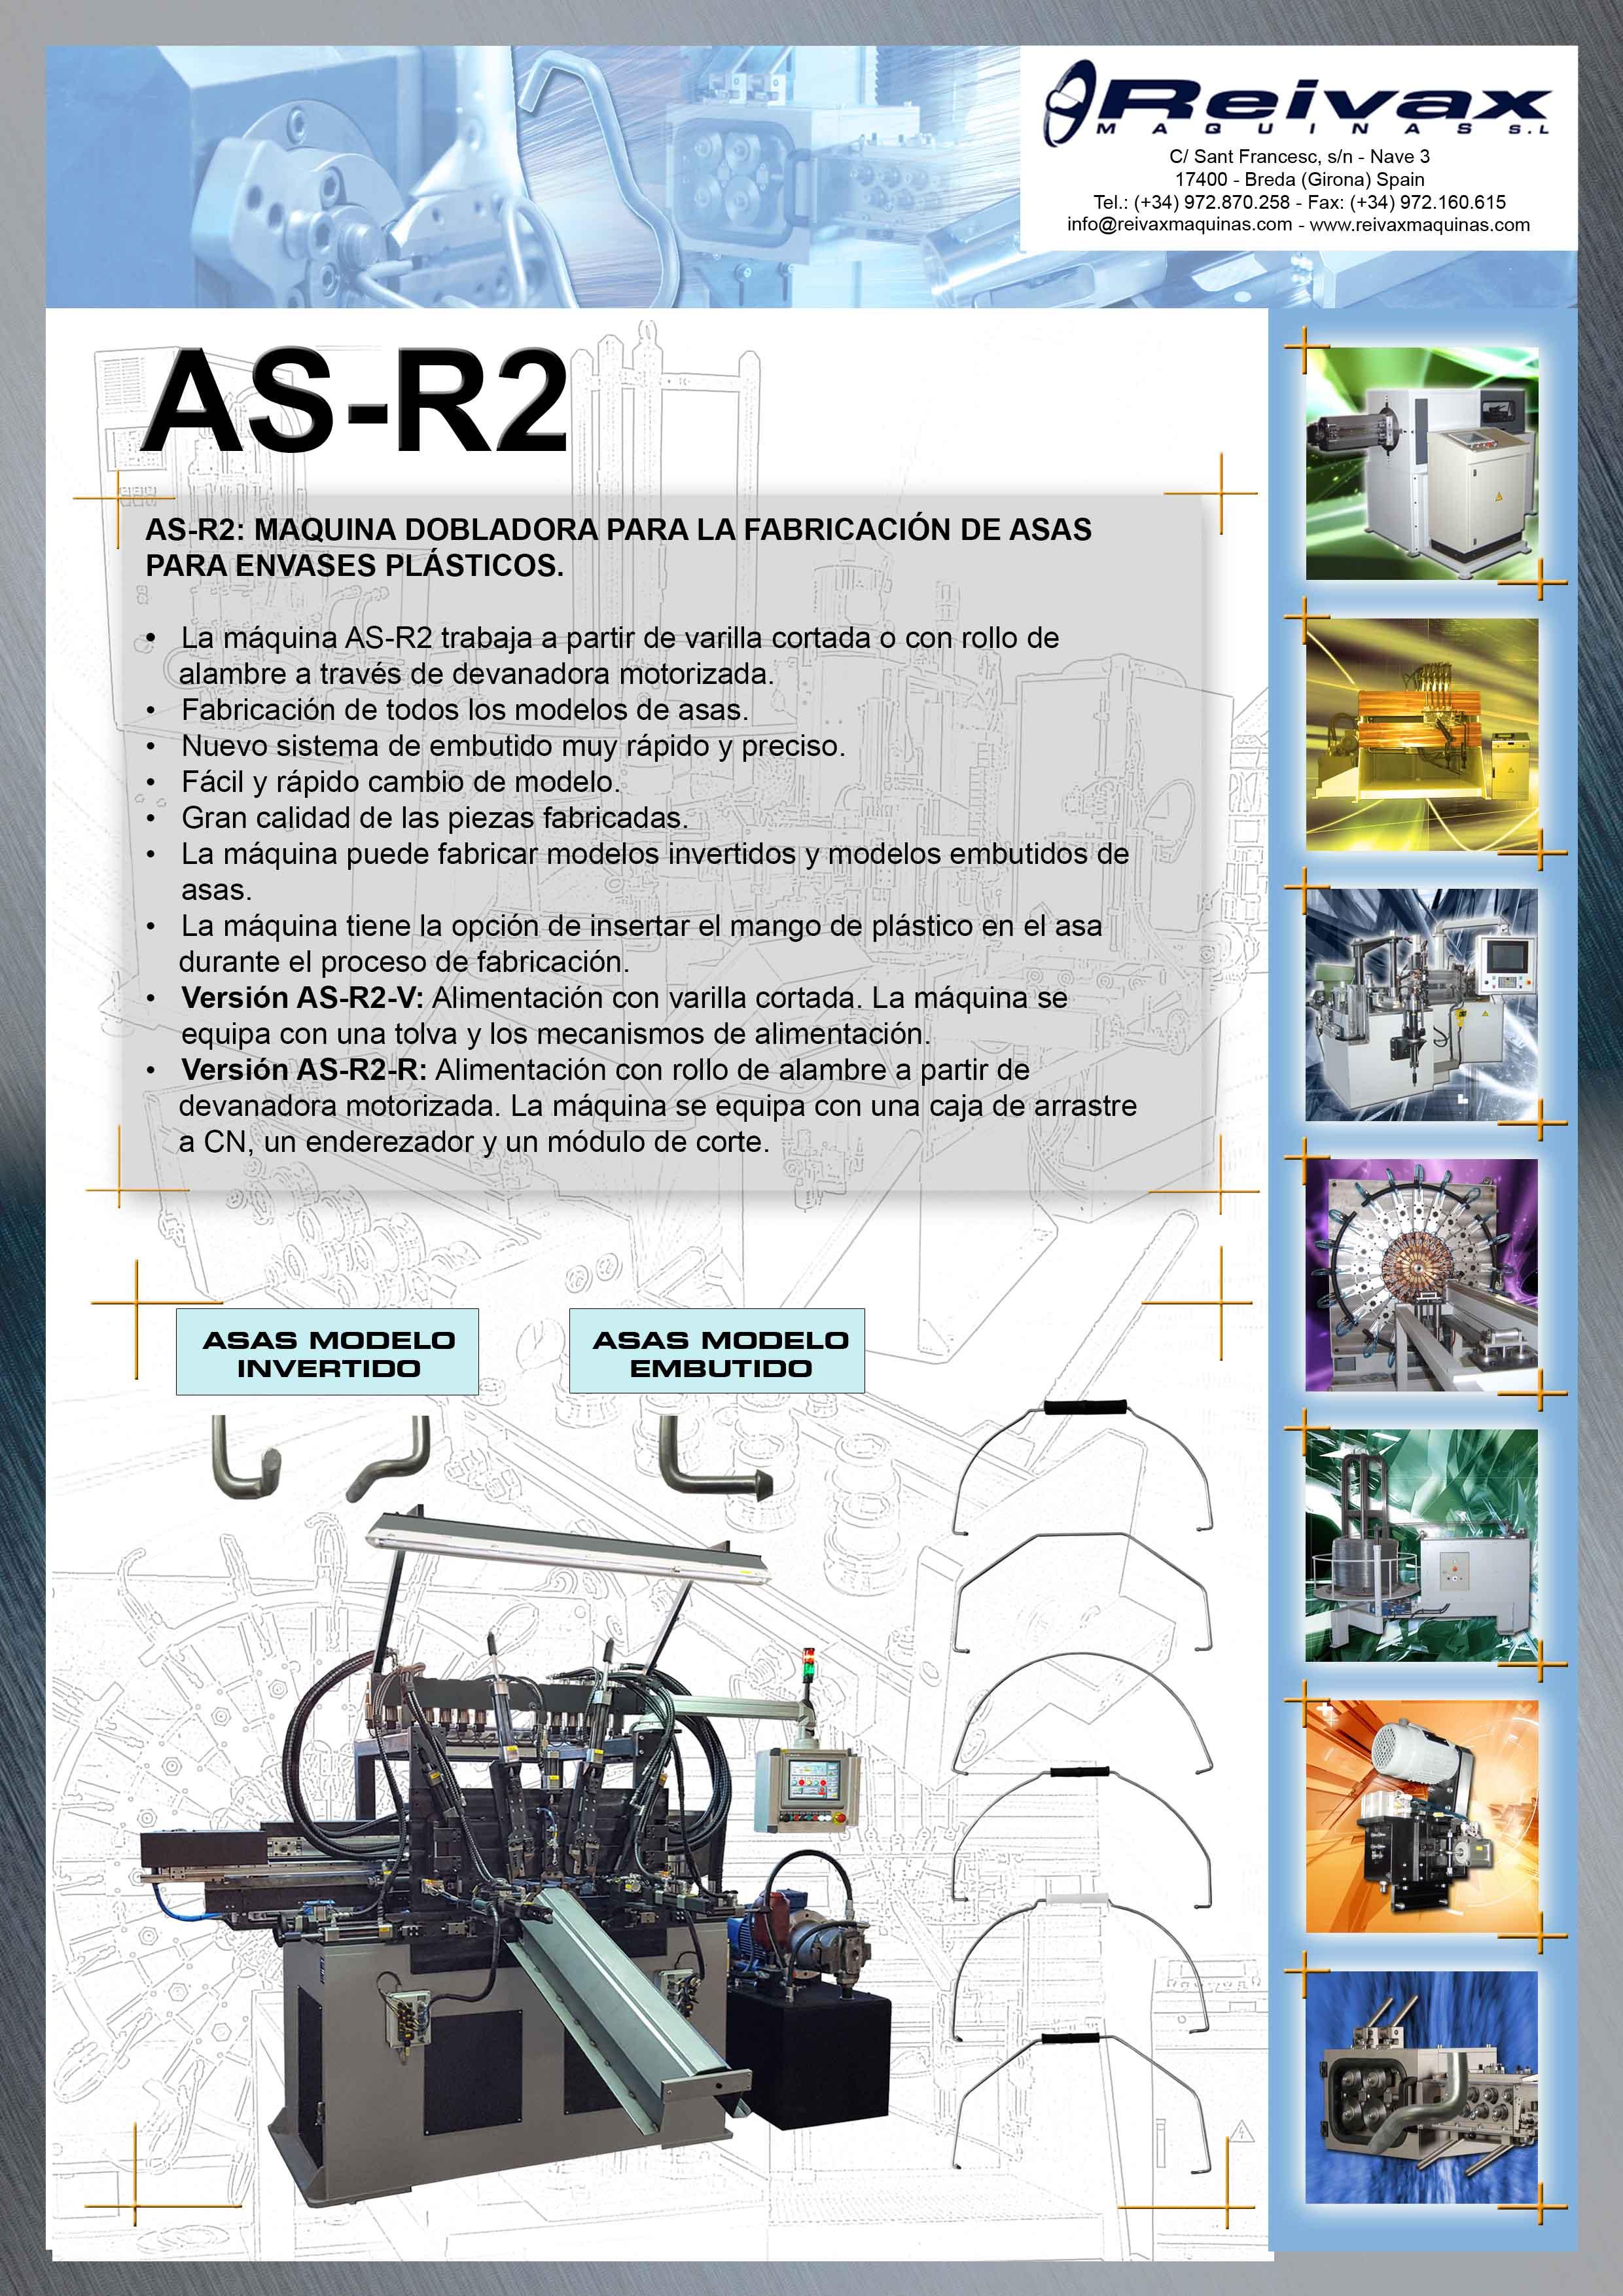 ReivaxMaquinas: Ficha Tecnica AS-R2 - Máquina para la Fabricación de Asas para Envases Plasticos.